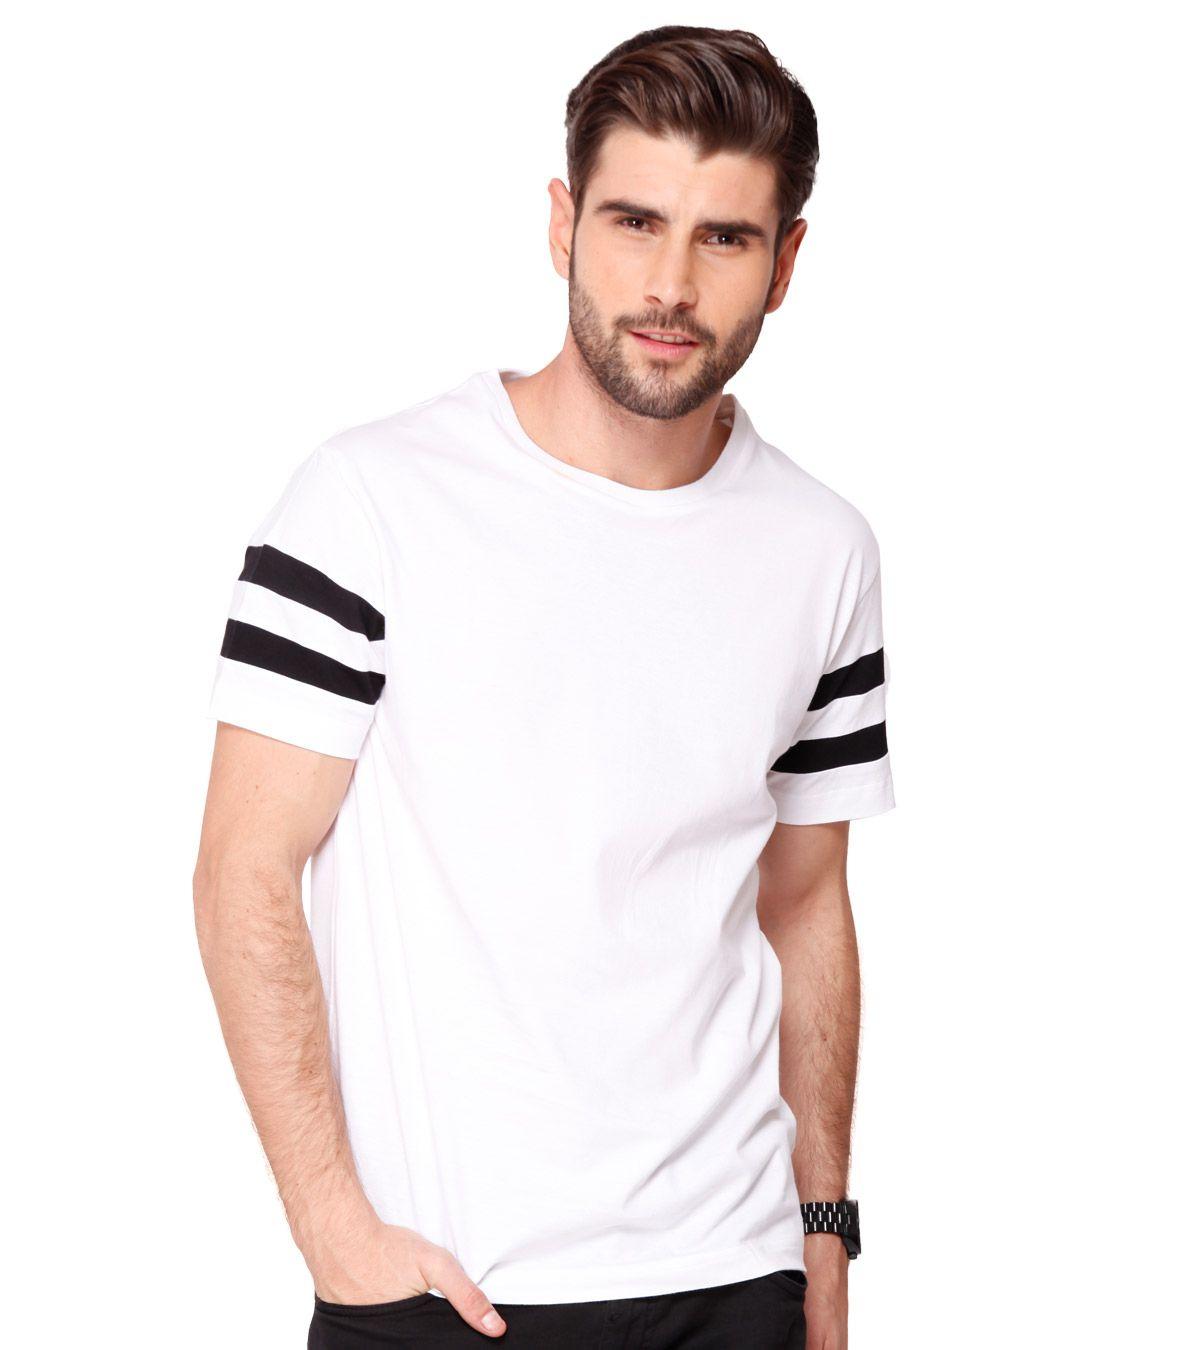 Bewakoof.com White Round T Shirt